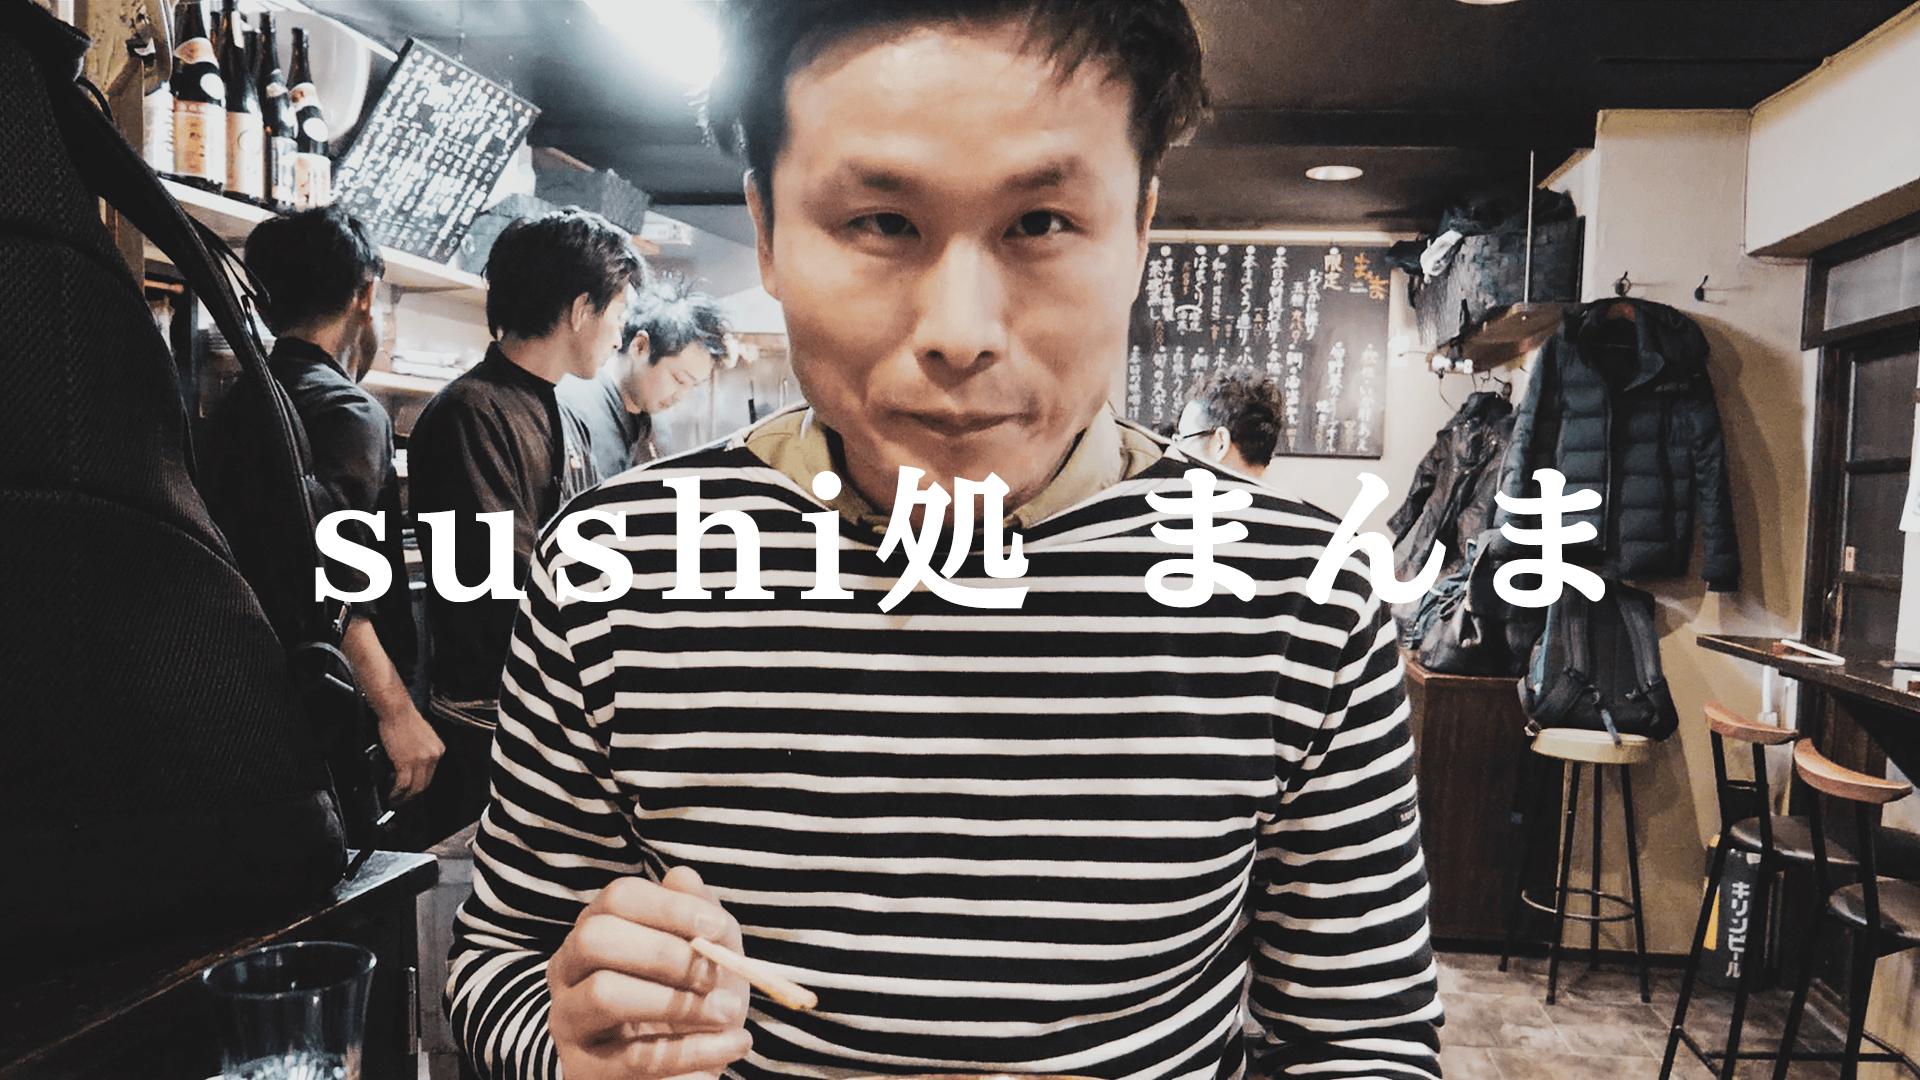 2019.01.24. 天王寺にある人気寿司店「Sushi処 まんま」にて寿司をつまむ